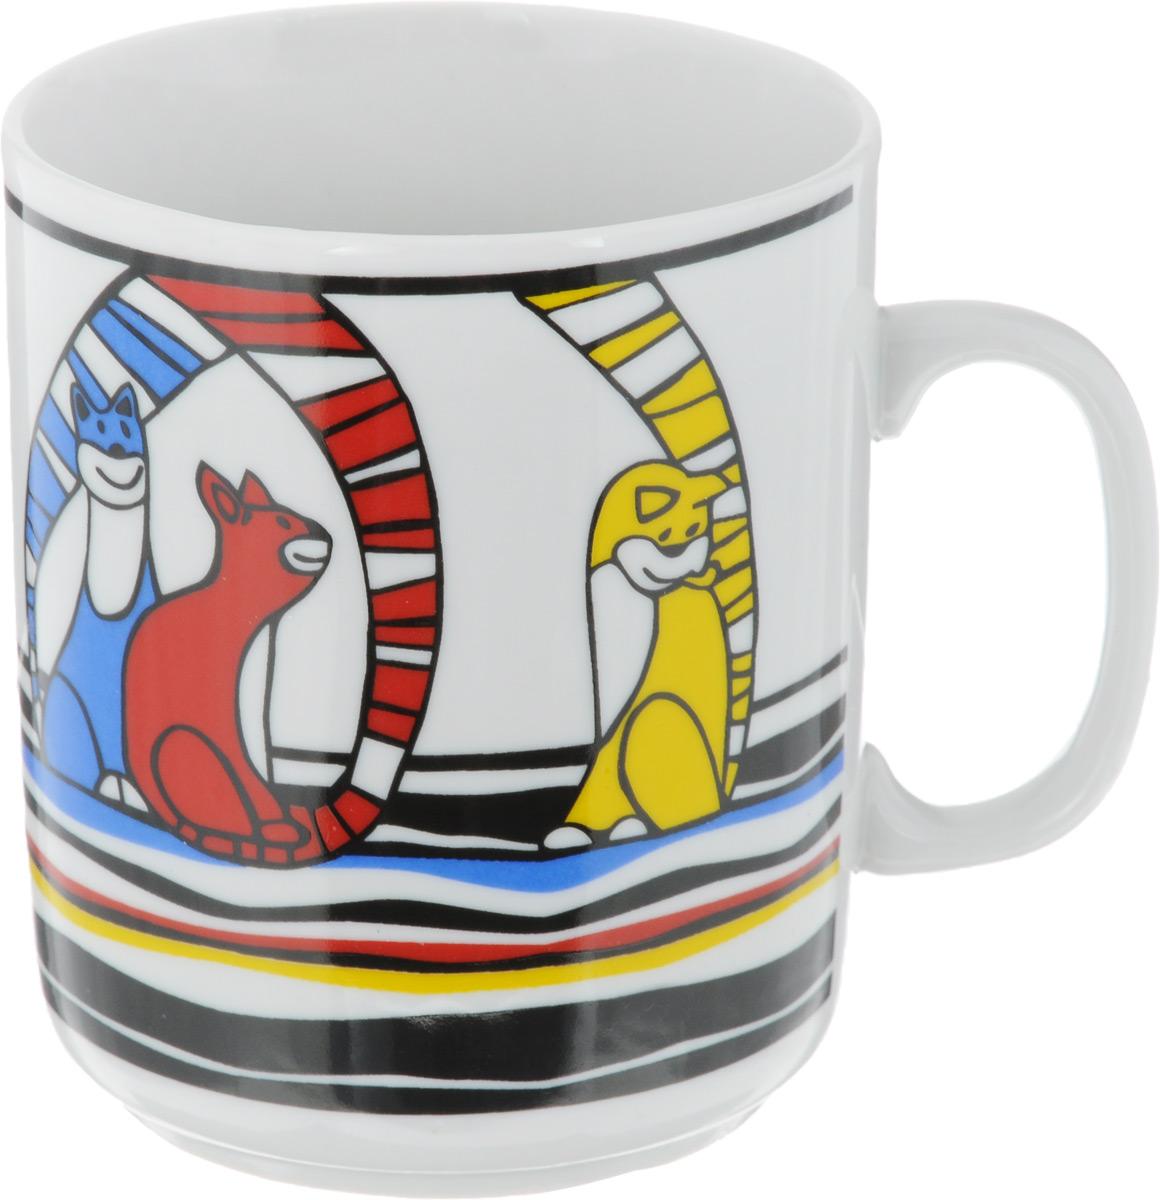 Кружка Фарфор Вербилок Коты, цвет: синий, красный, желтый, 300 мл9272480_синий, красный, желтыйКружка Фарфор Вербилок Коты способна скрасить любое чаепитие. Изделие выполнено из высококачественного фарфора. Посуда из такого материала позволяет сохранить истинный вкус напитка, а также помогает ему дольше оставаться теплым. Диаметр кружки (по верхнему краю): 8 см. Высота кружки: 9,5 см.